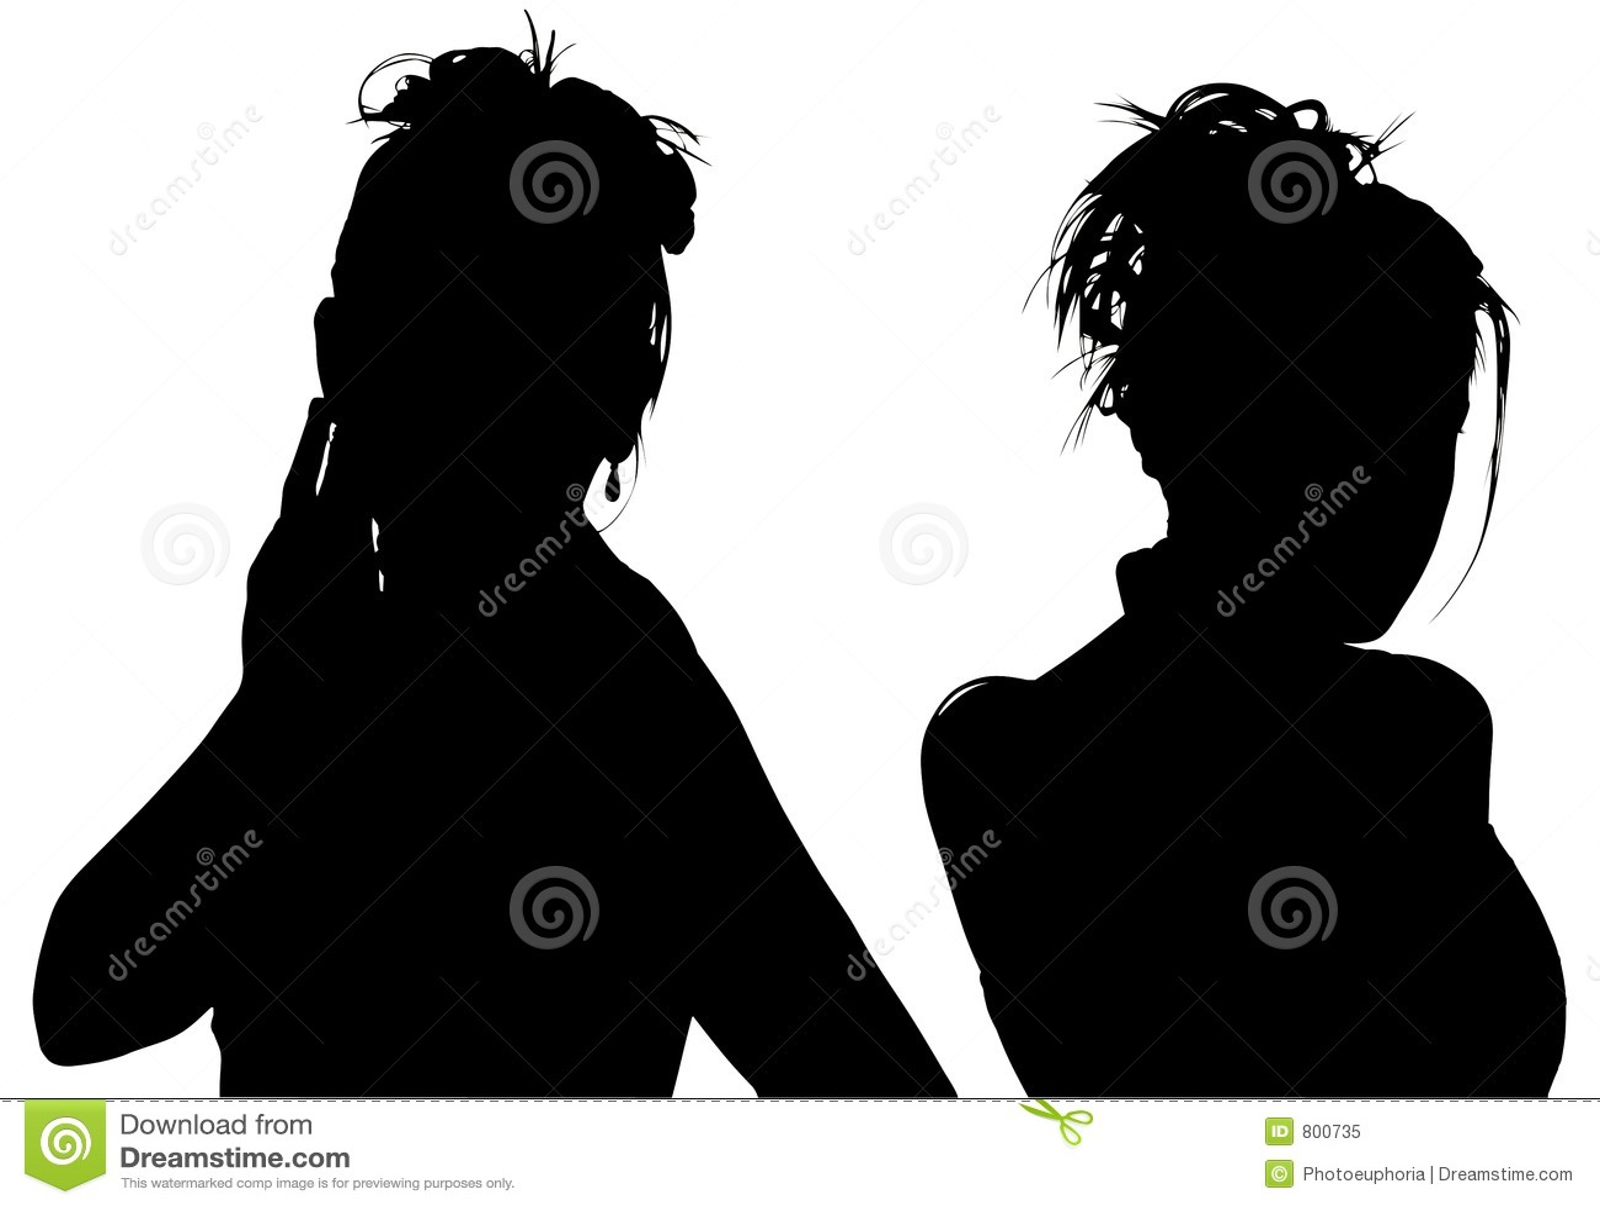 Wycinek ścieżki sylwetki dwie kobiety.